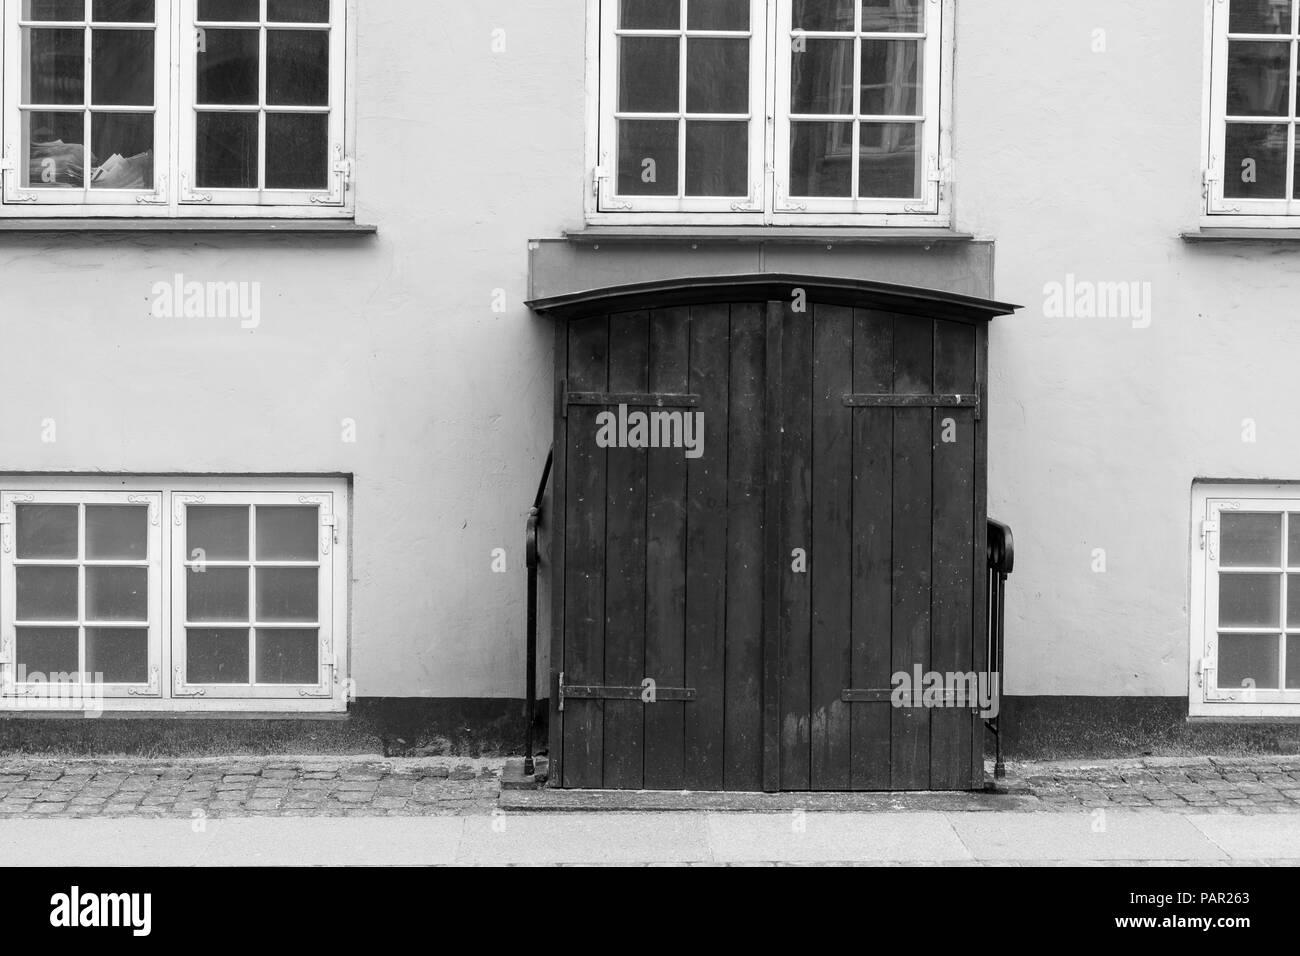 29153ad8a50 Una doppia porta fotografato in bianco e nero. Windows circondano il  portale, con una